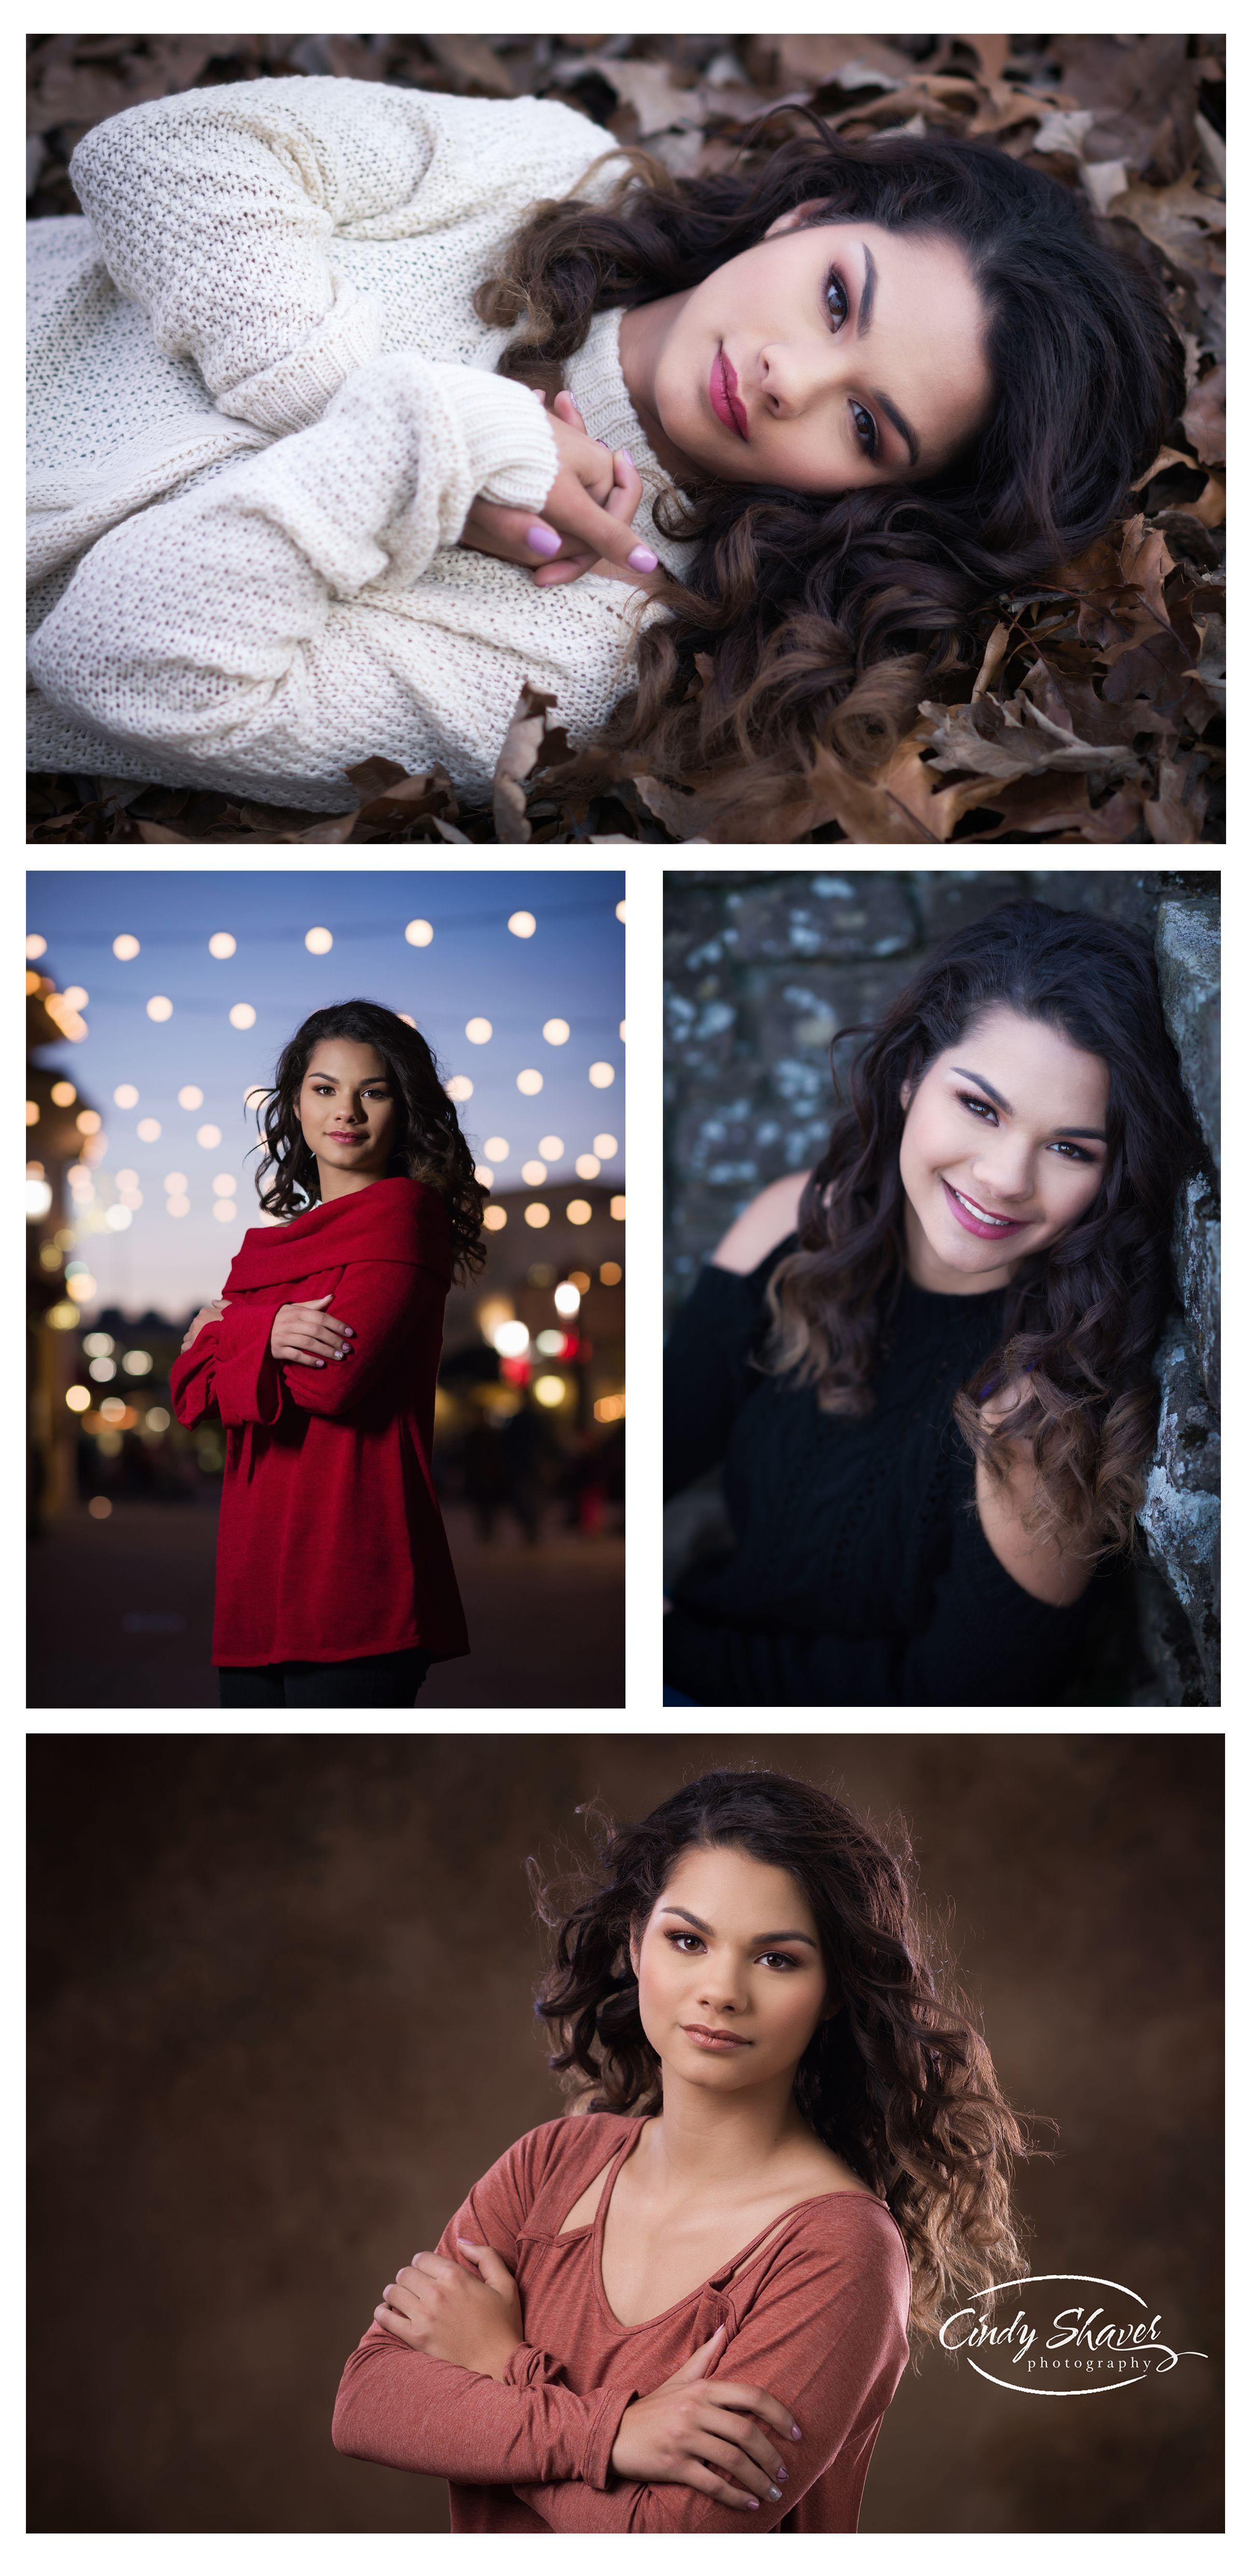 Senior girl, fall senior pictures, senior portrait photographer ...